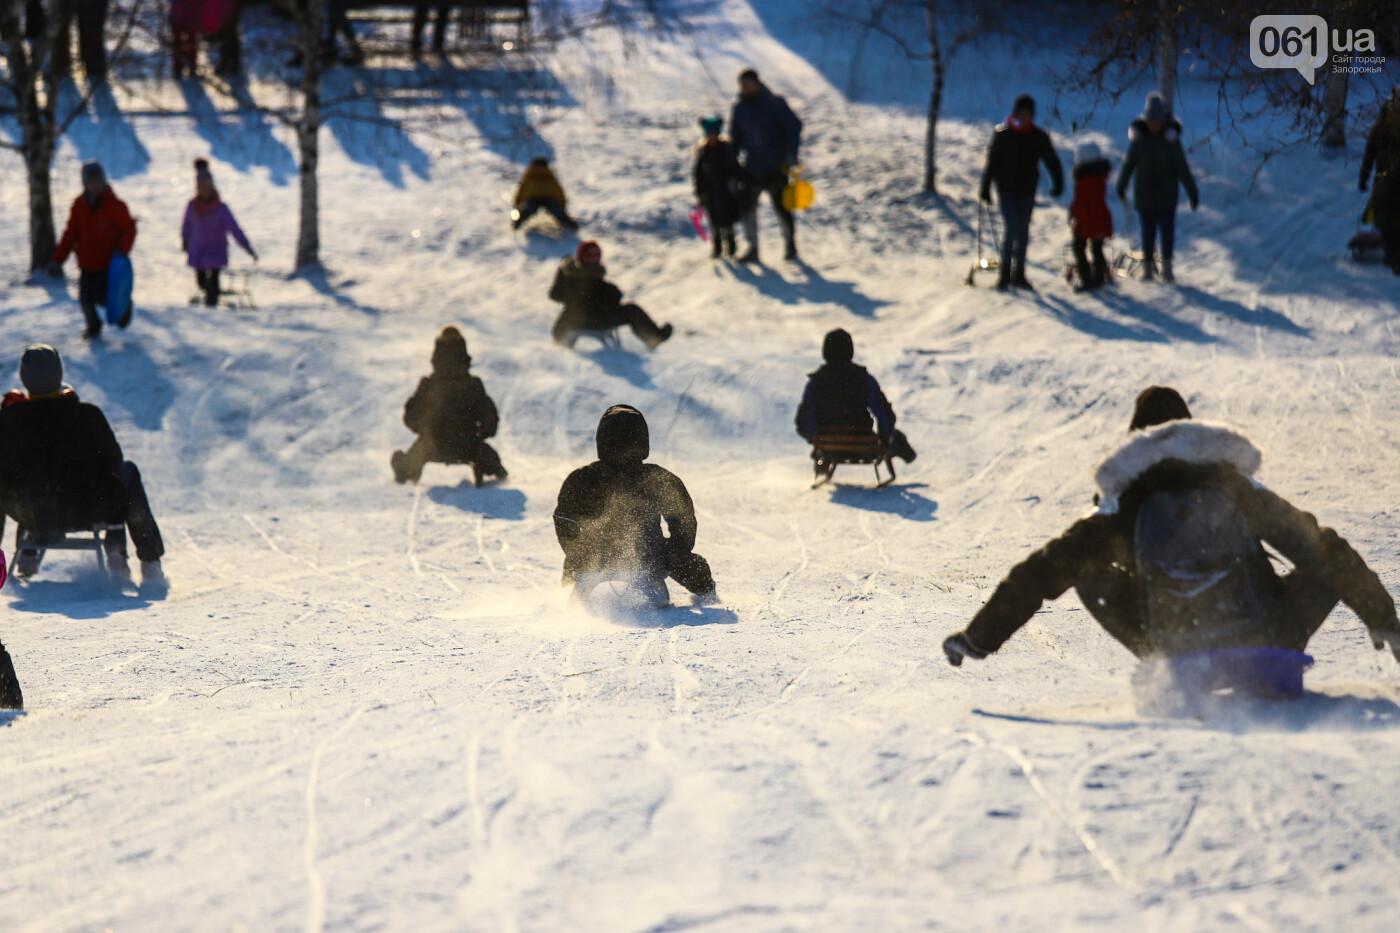 На санках, лыжах и сноуборде: запорожцы устроили массовое катание с горок в Вознесеновском парке, - ФОТОРЕПОРТАЖ, фото-44